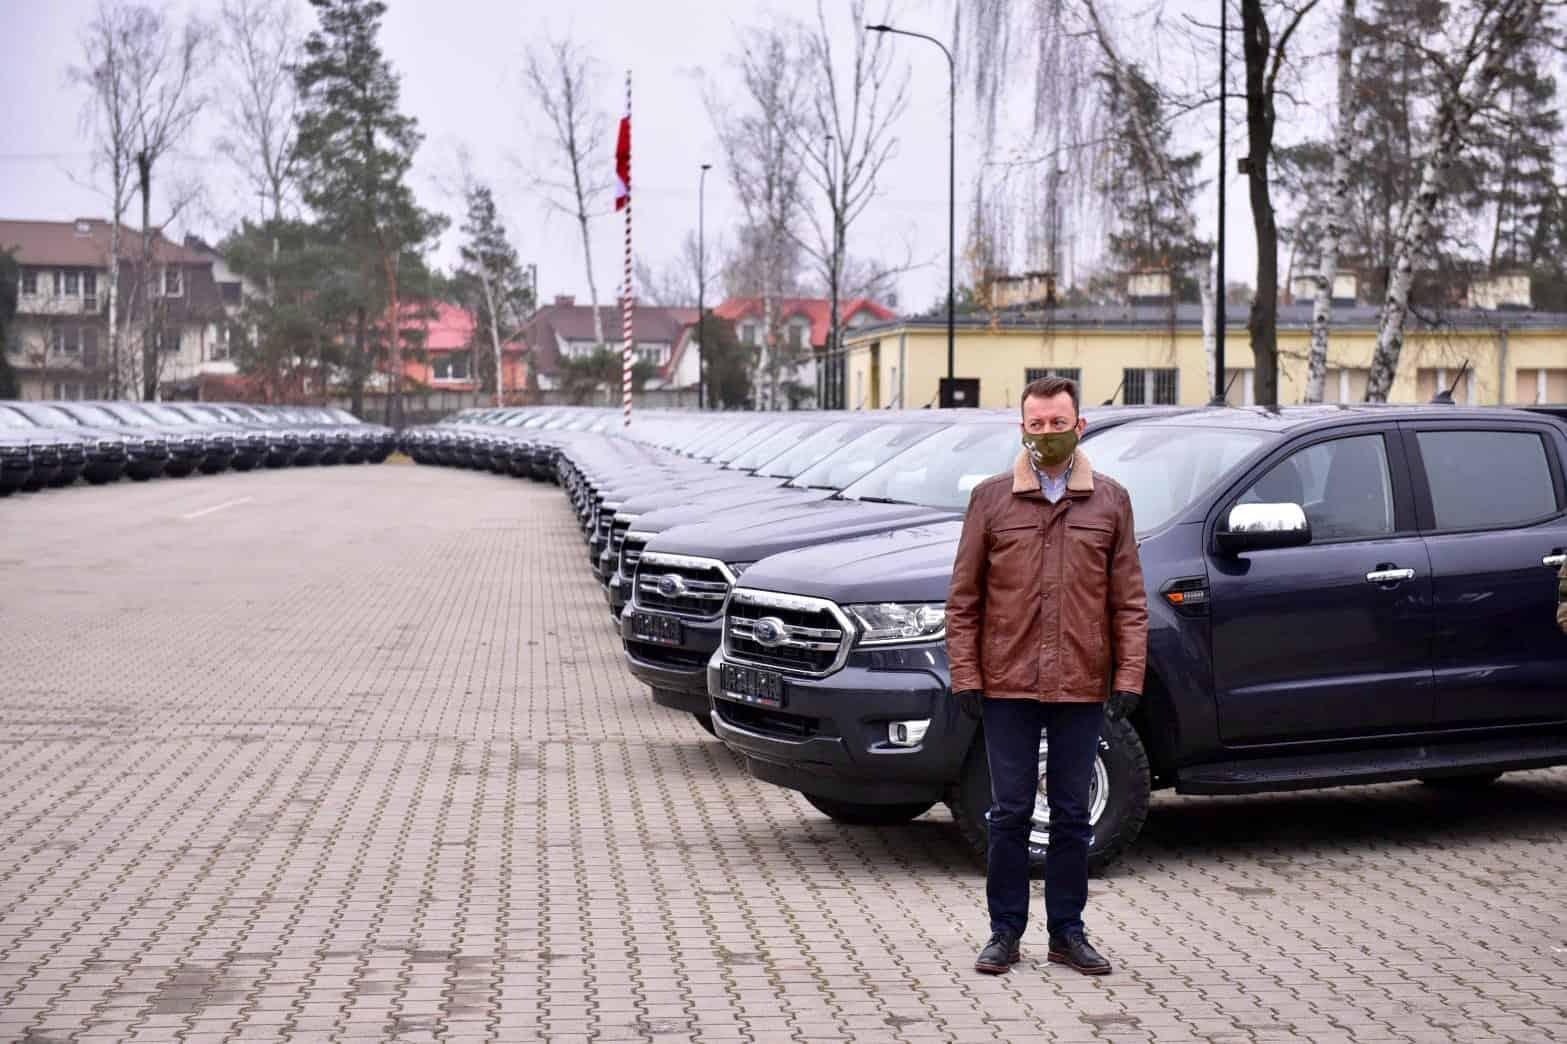 Міністр оборони Польщі під час урочистостей з нагоди отримання перших позашляховиків Ford Ranger